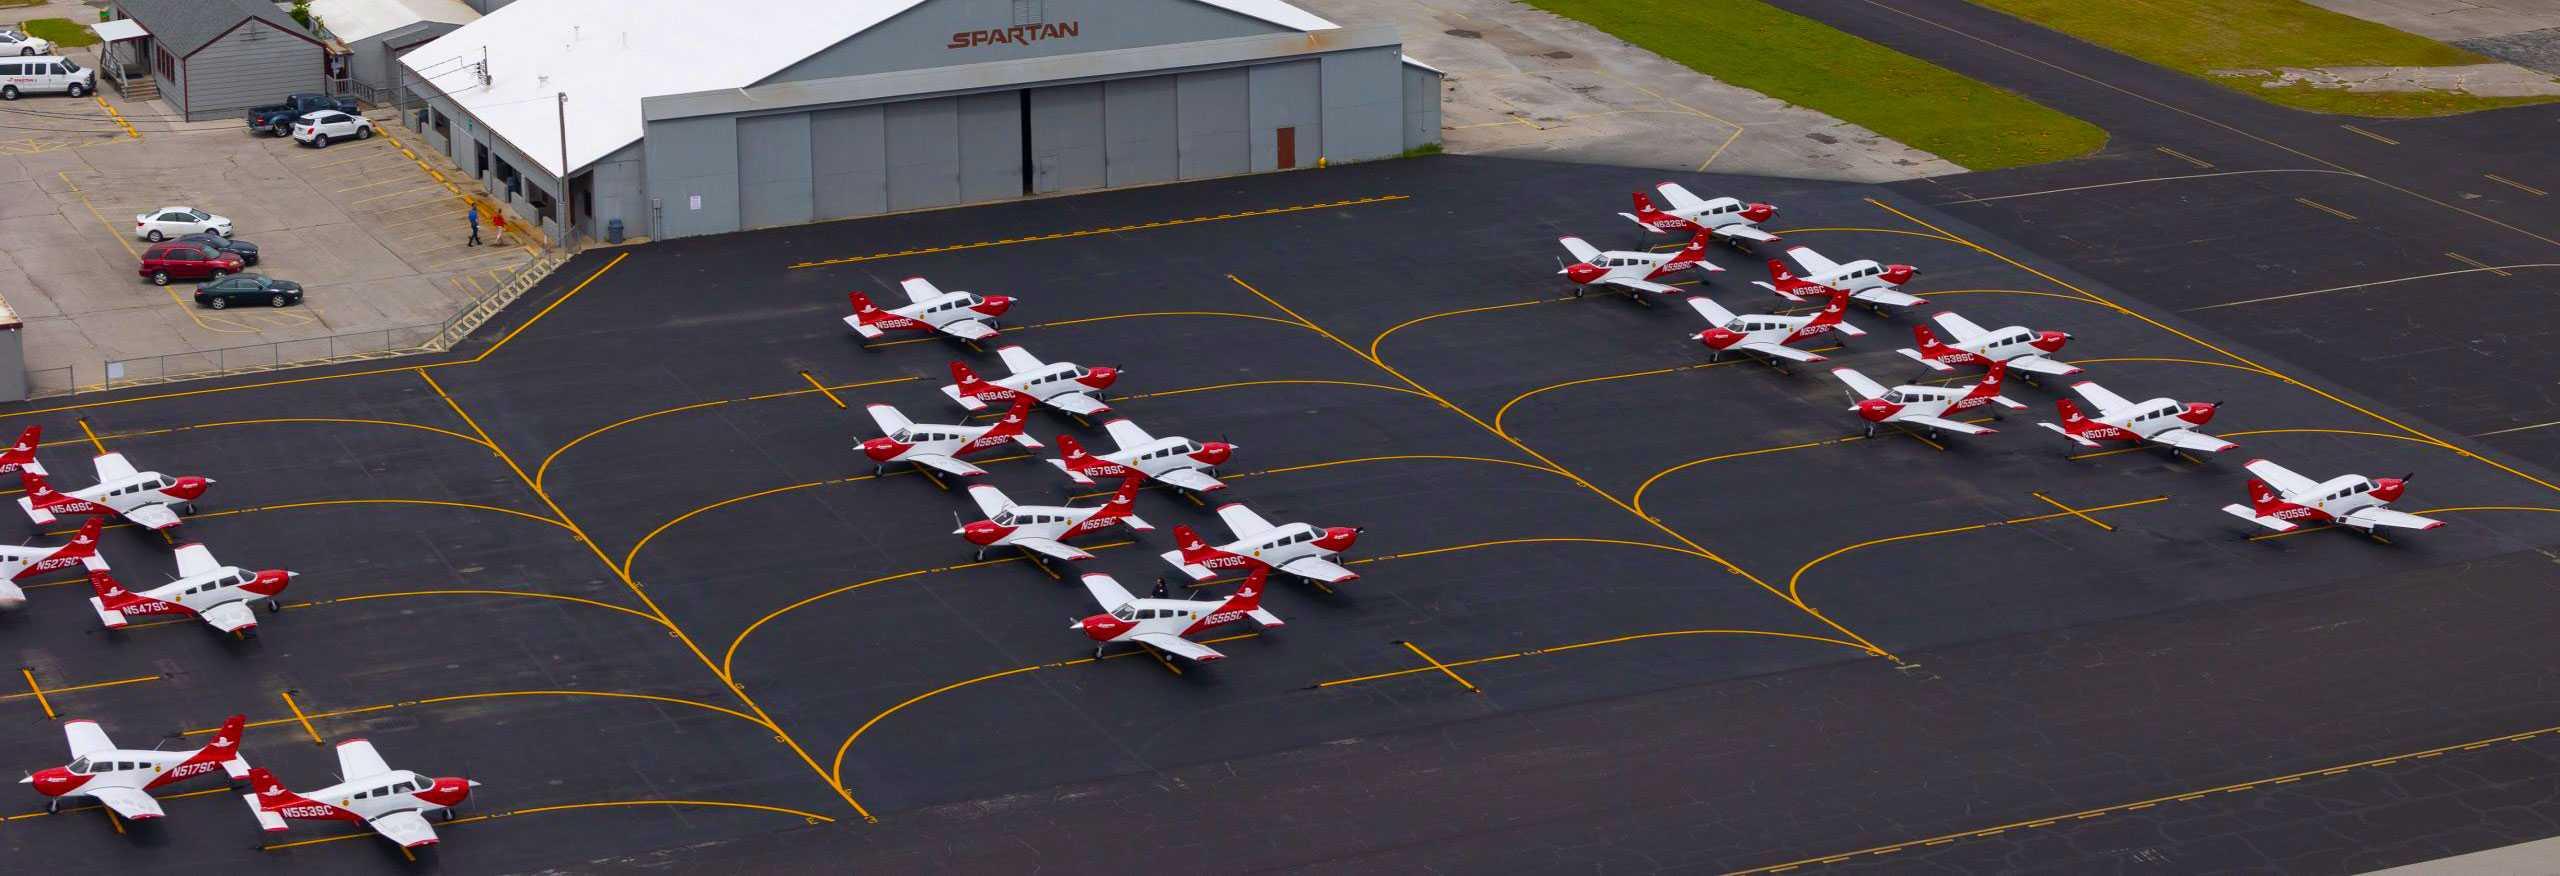 overhead piper planes